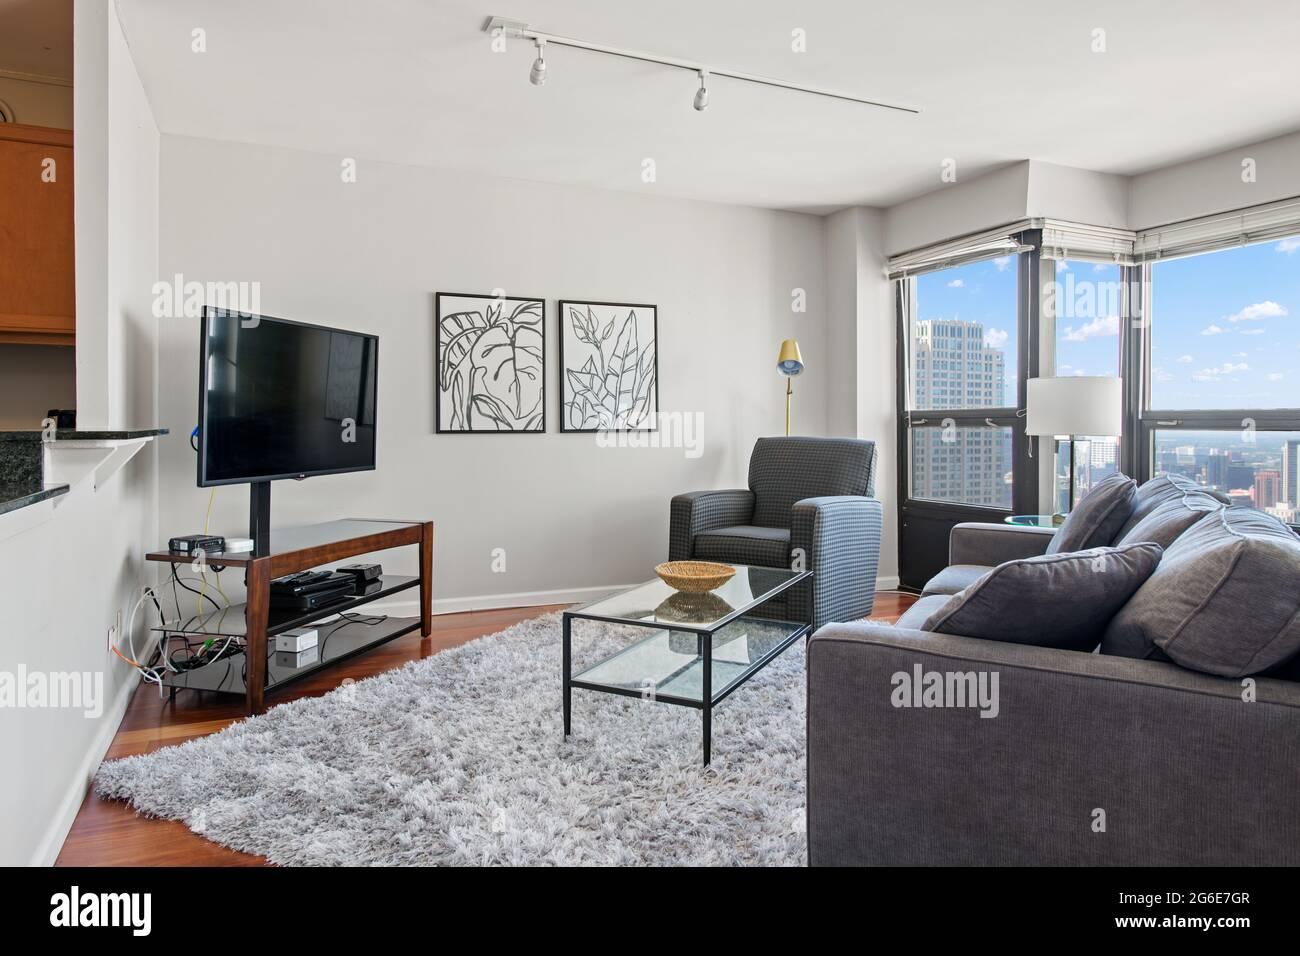 - Un salon intérieur résidentiel Banque D'Images